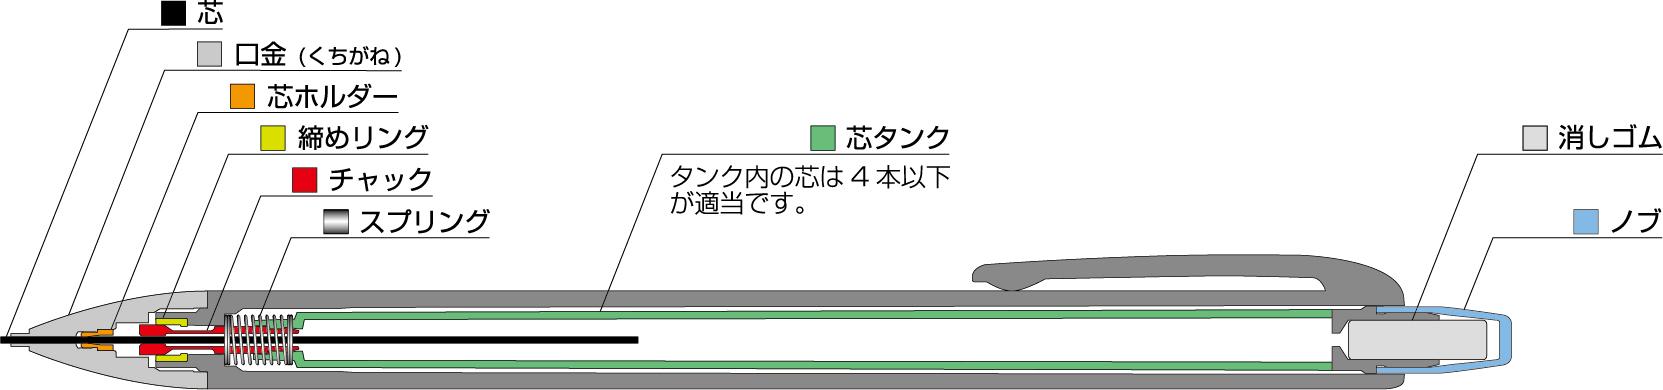 sharp_kikou.jpg